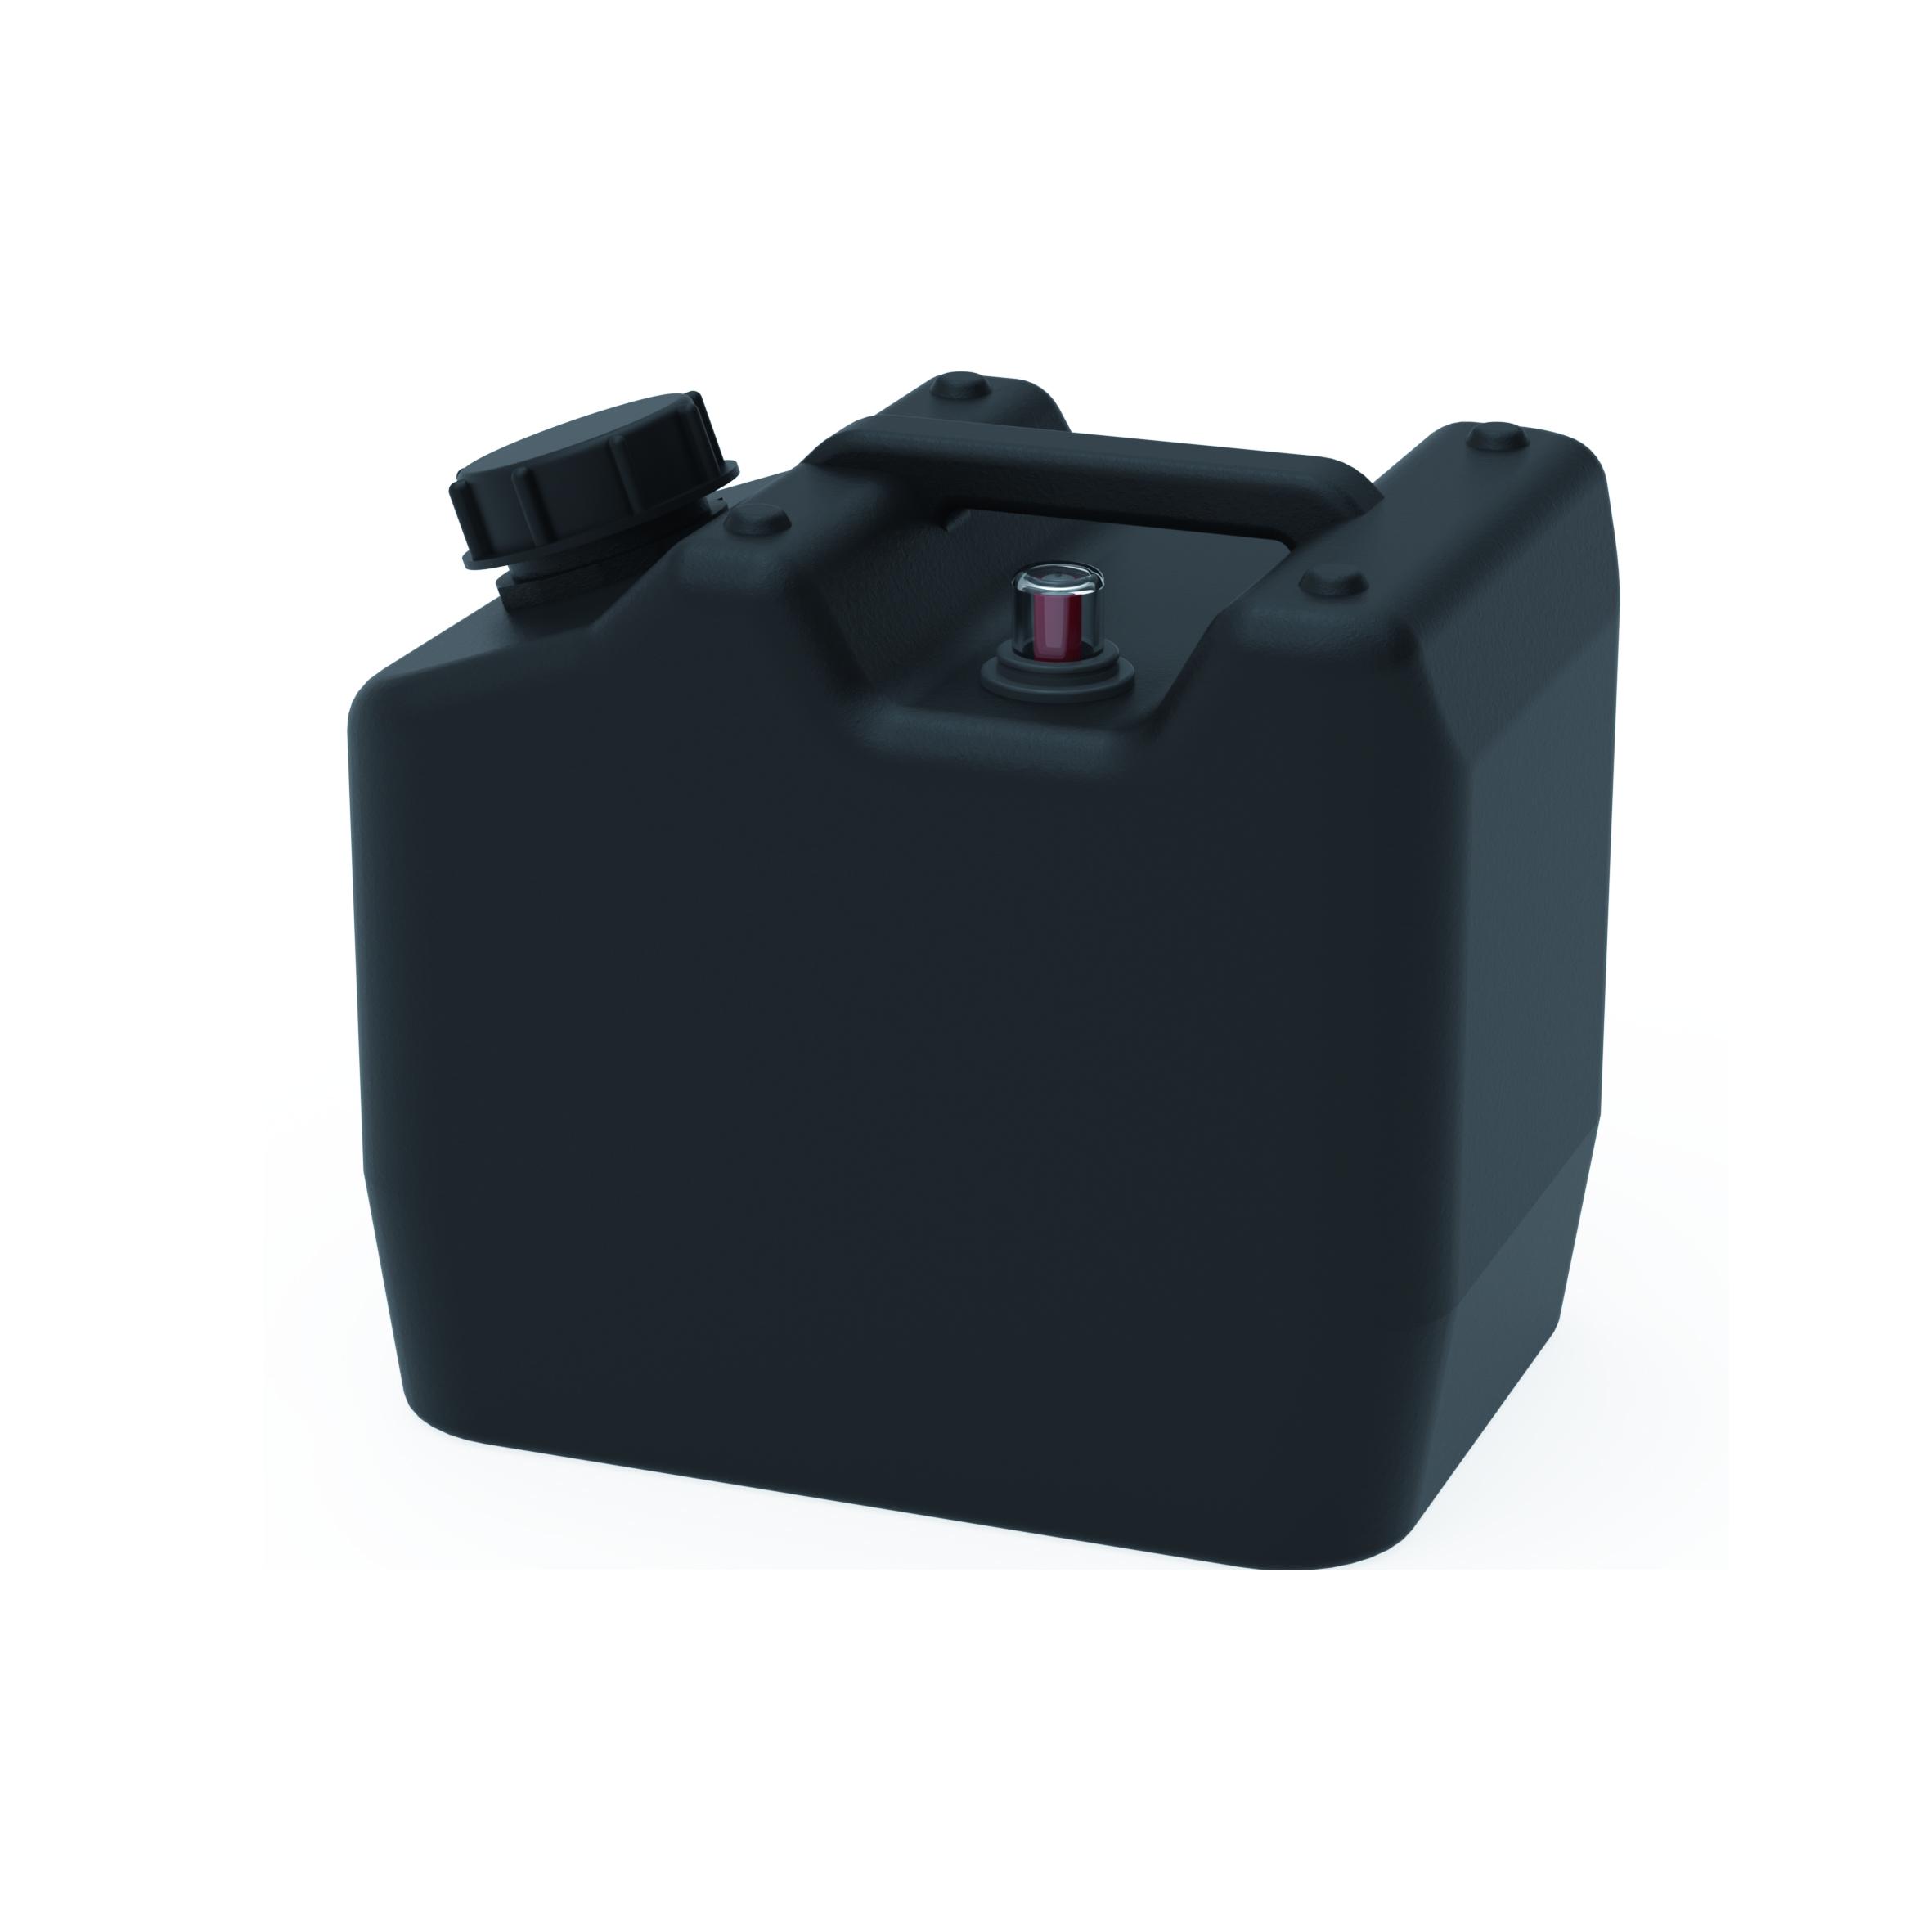 Kanister S60/61 mit Füllstandsanzeige  Kanister mit Gewinde S60/61 (DIN60/61) zum Sammeln flüssiger Abfälle mi